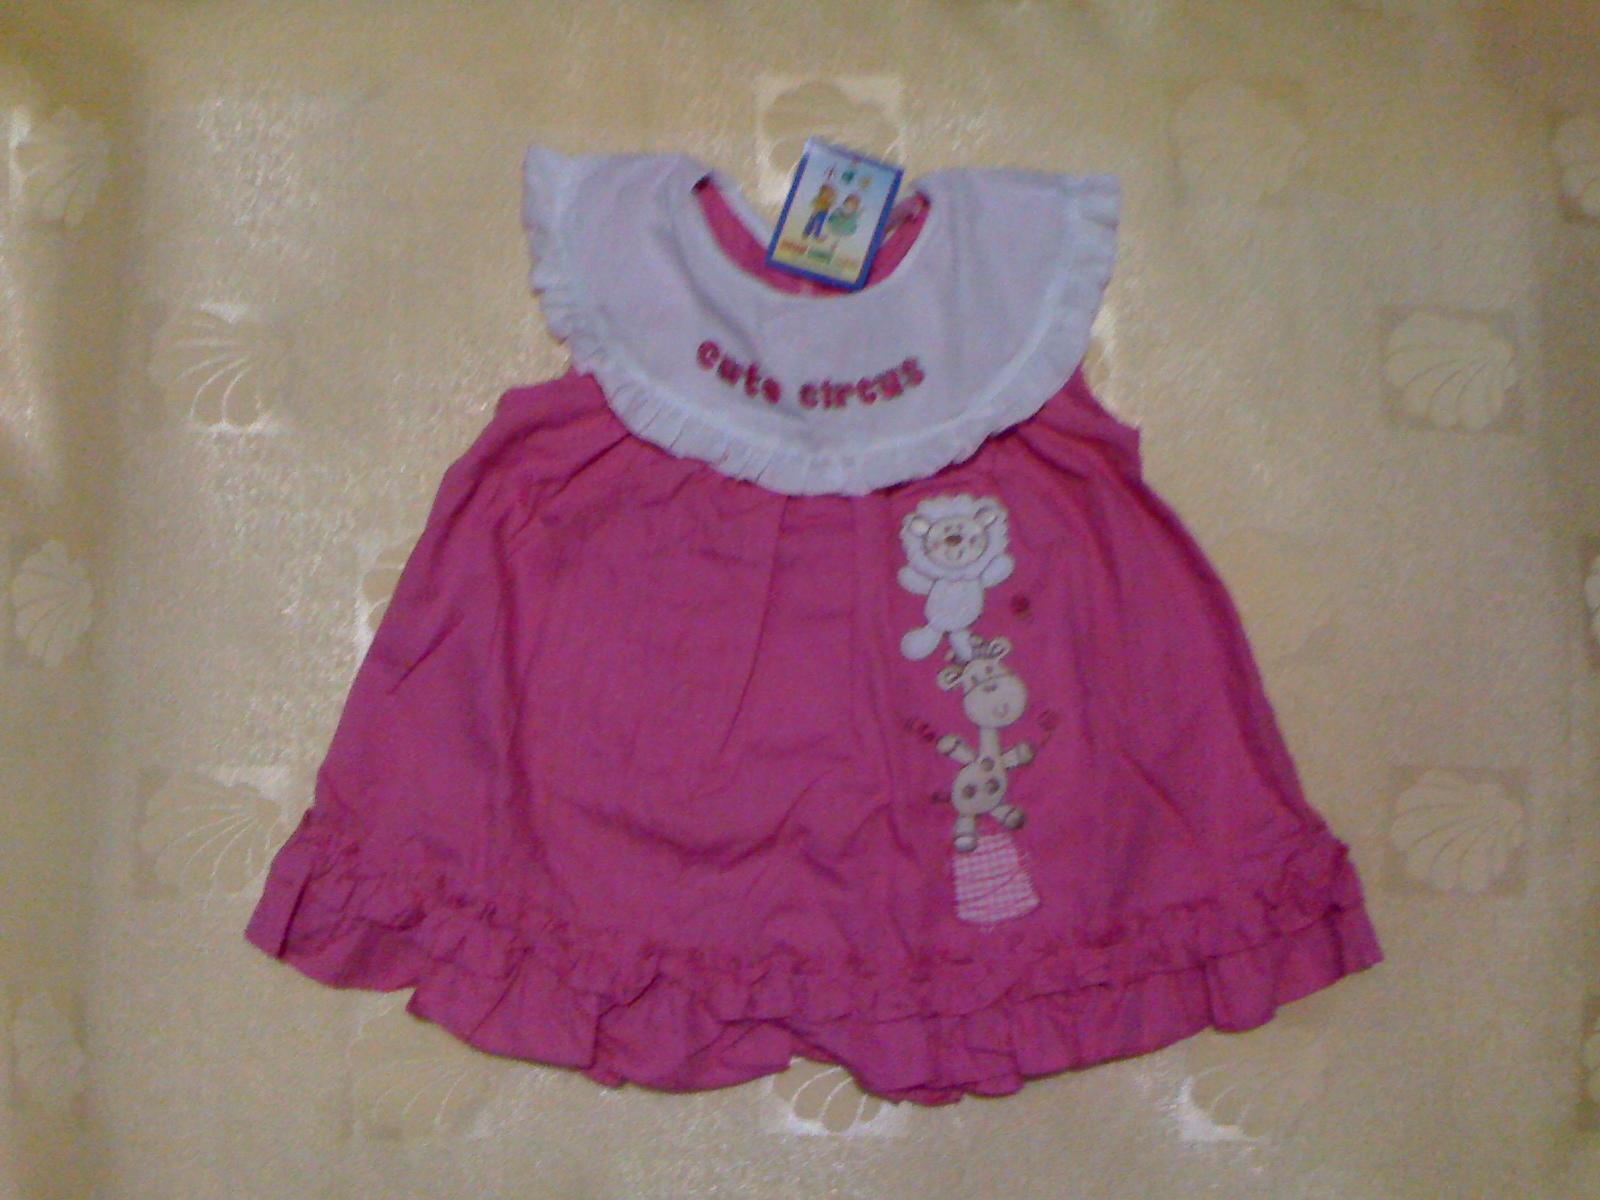 Jual Baju Bayi Perempuan Bliblinews Com